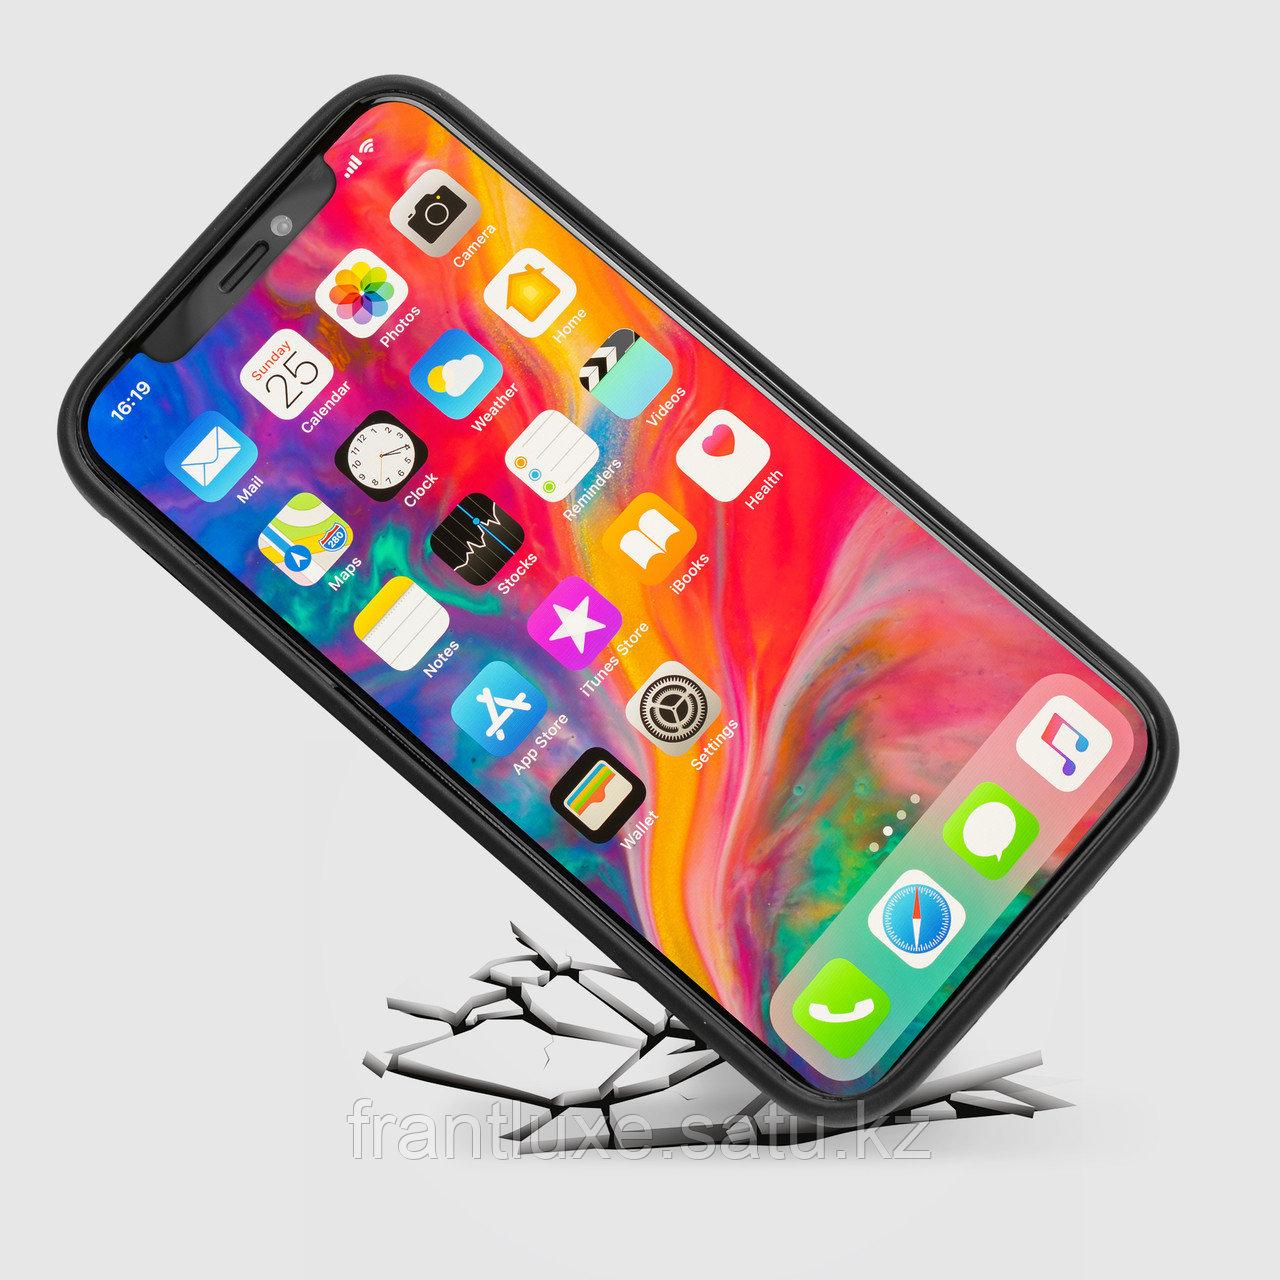 Чехол для телефона iPhone 12/12 Pro с ремешком-держателем Nappa чёрный - фото 5